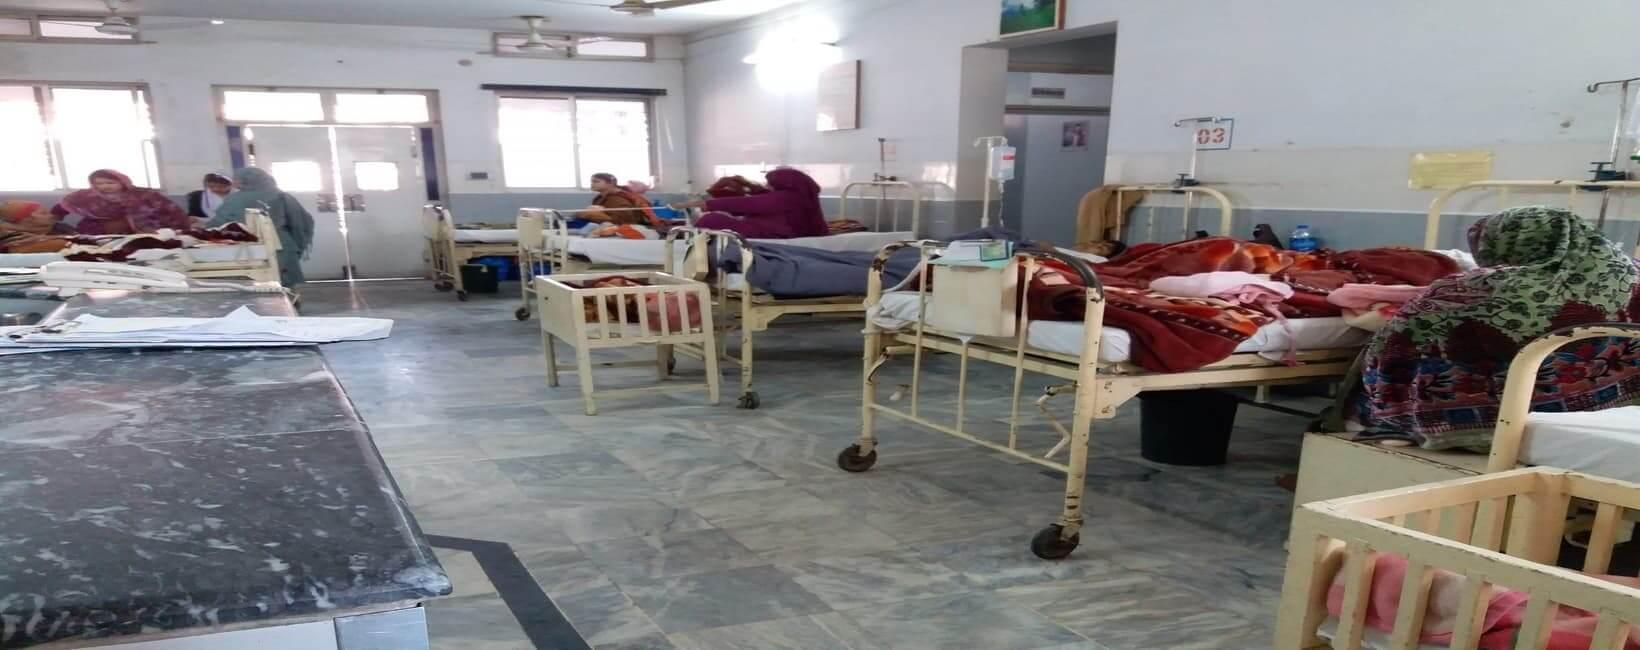 Hospital Wards